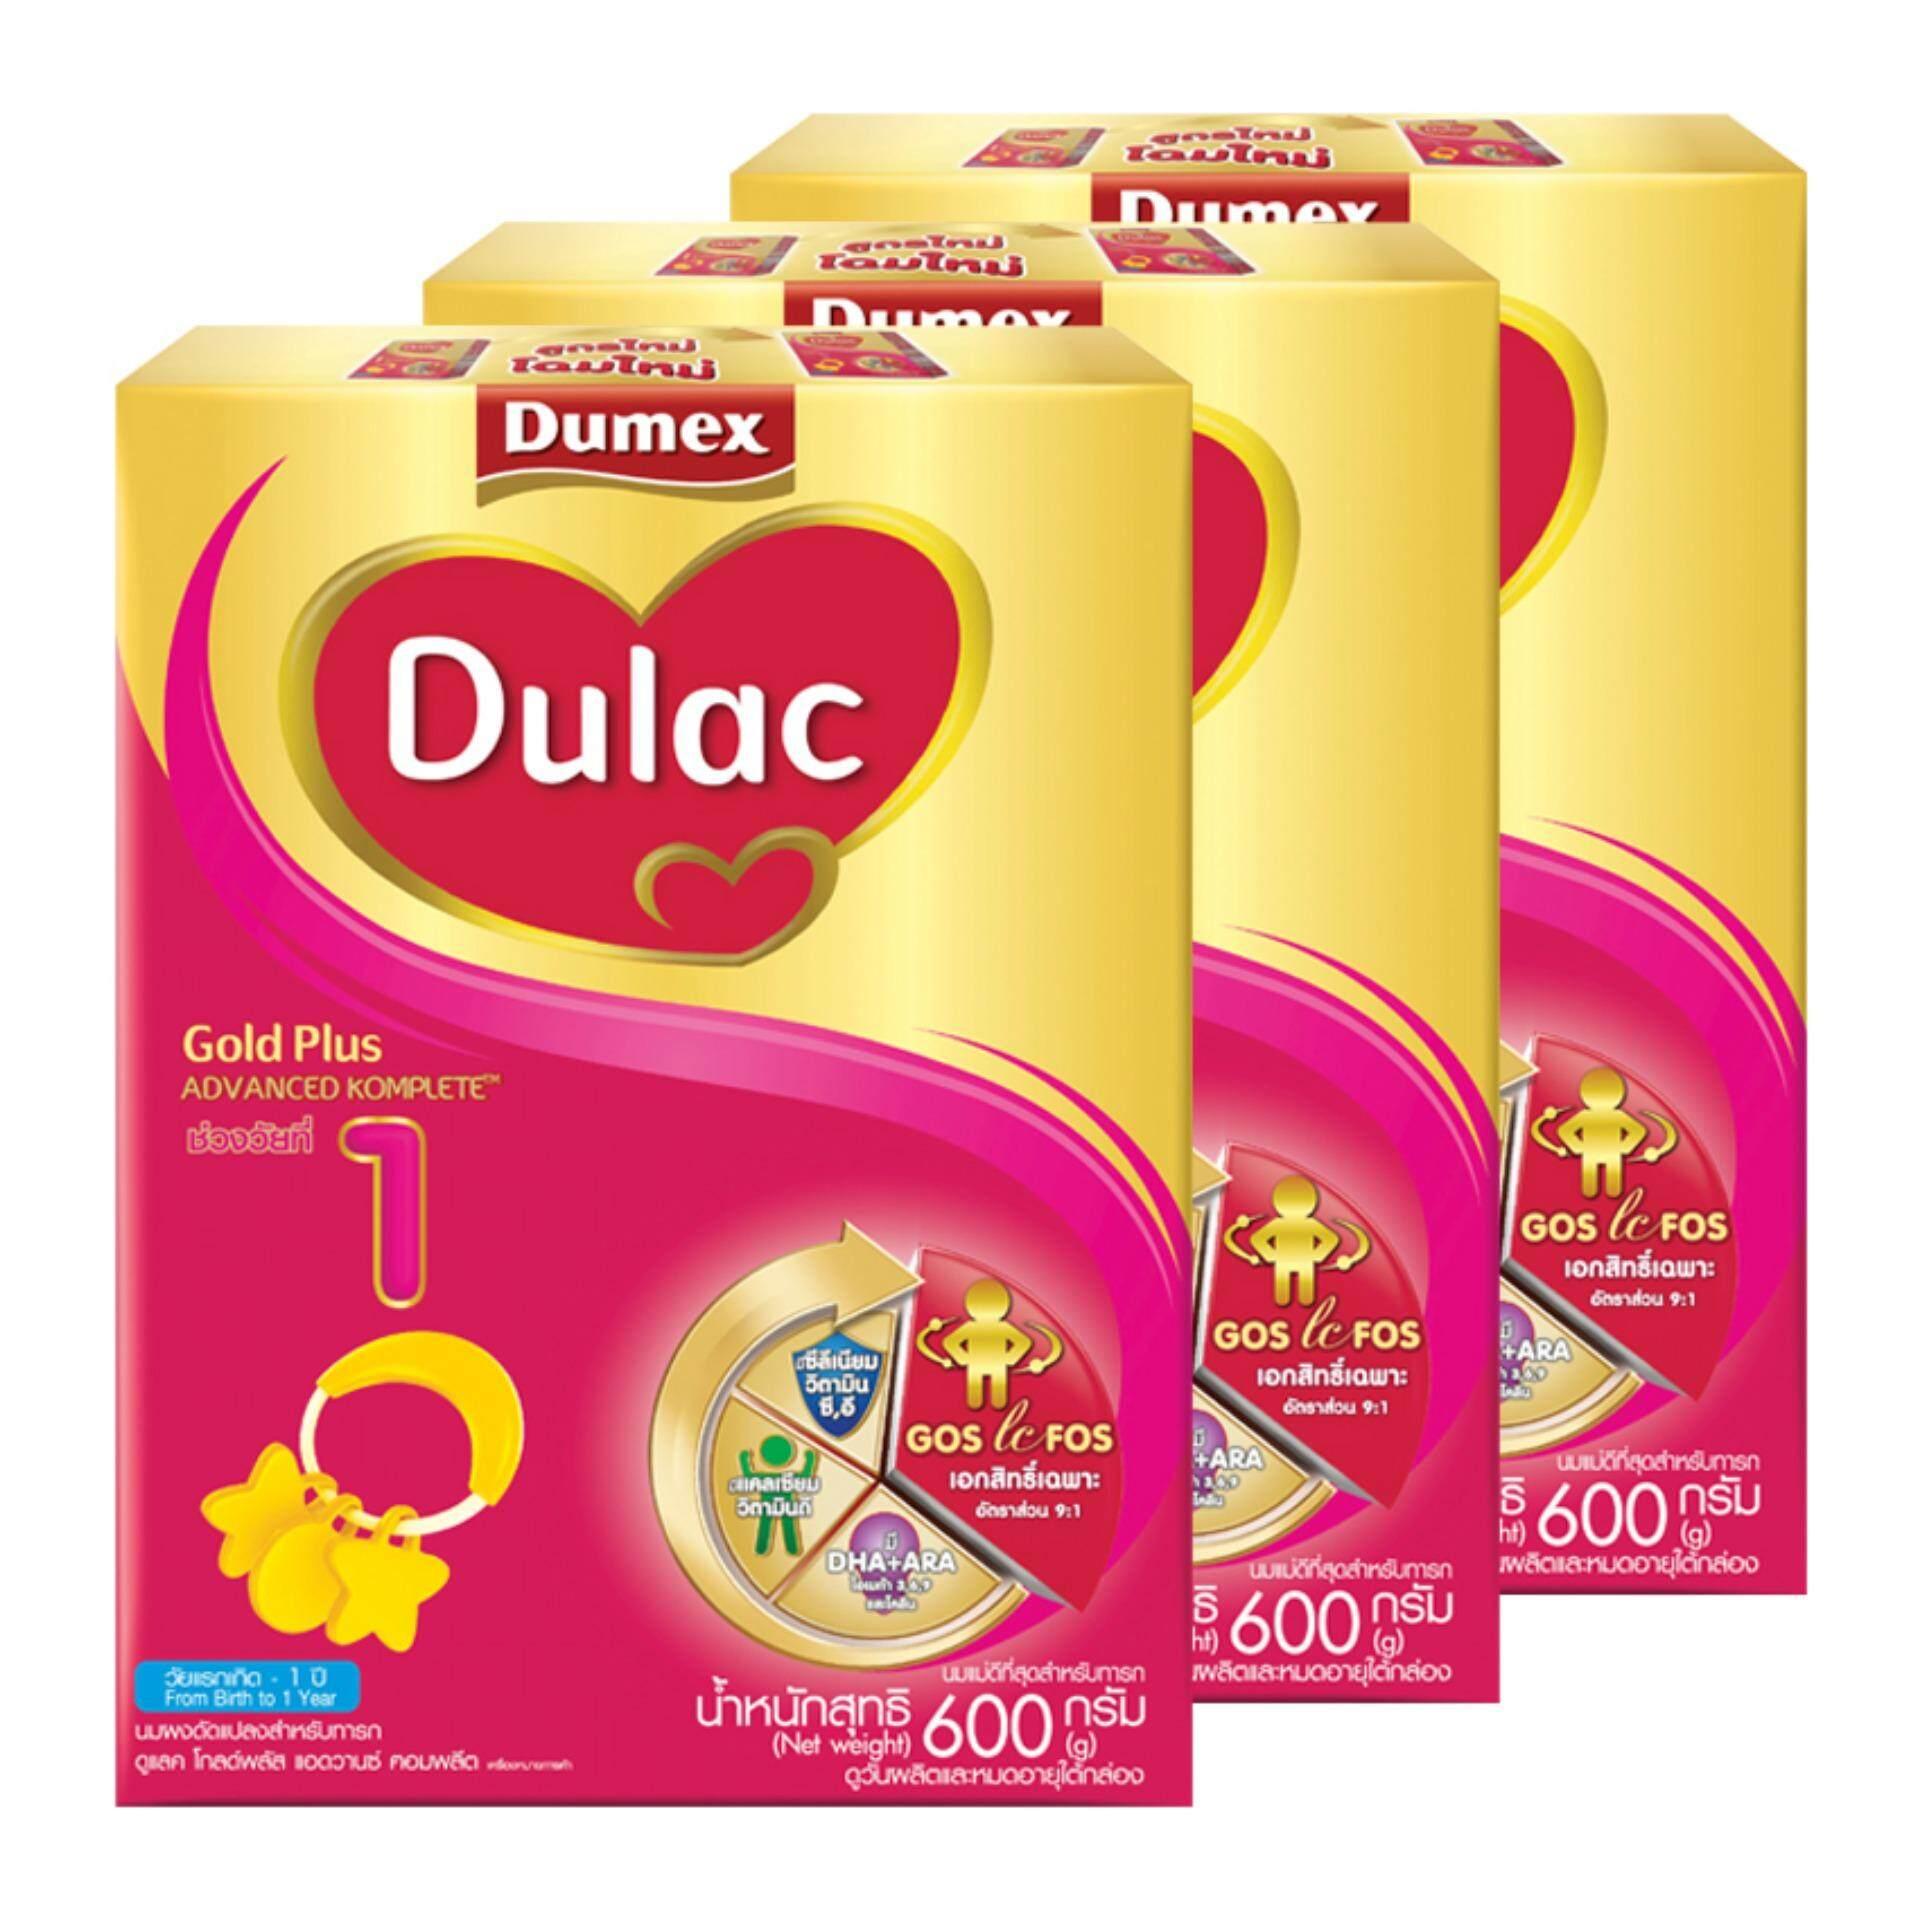 แนะนำ DUMEX ดูเม็กซ์ นมผงสำหรับเด็ก ช่วงวัยที่ 1 โกลด์พลัส 600 กรัม (ทั้งหมด 3 กล่อง)